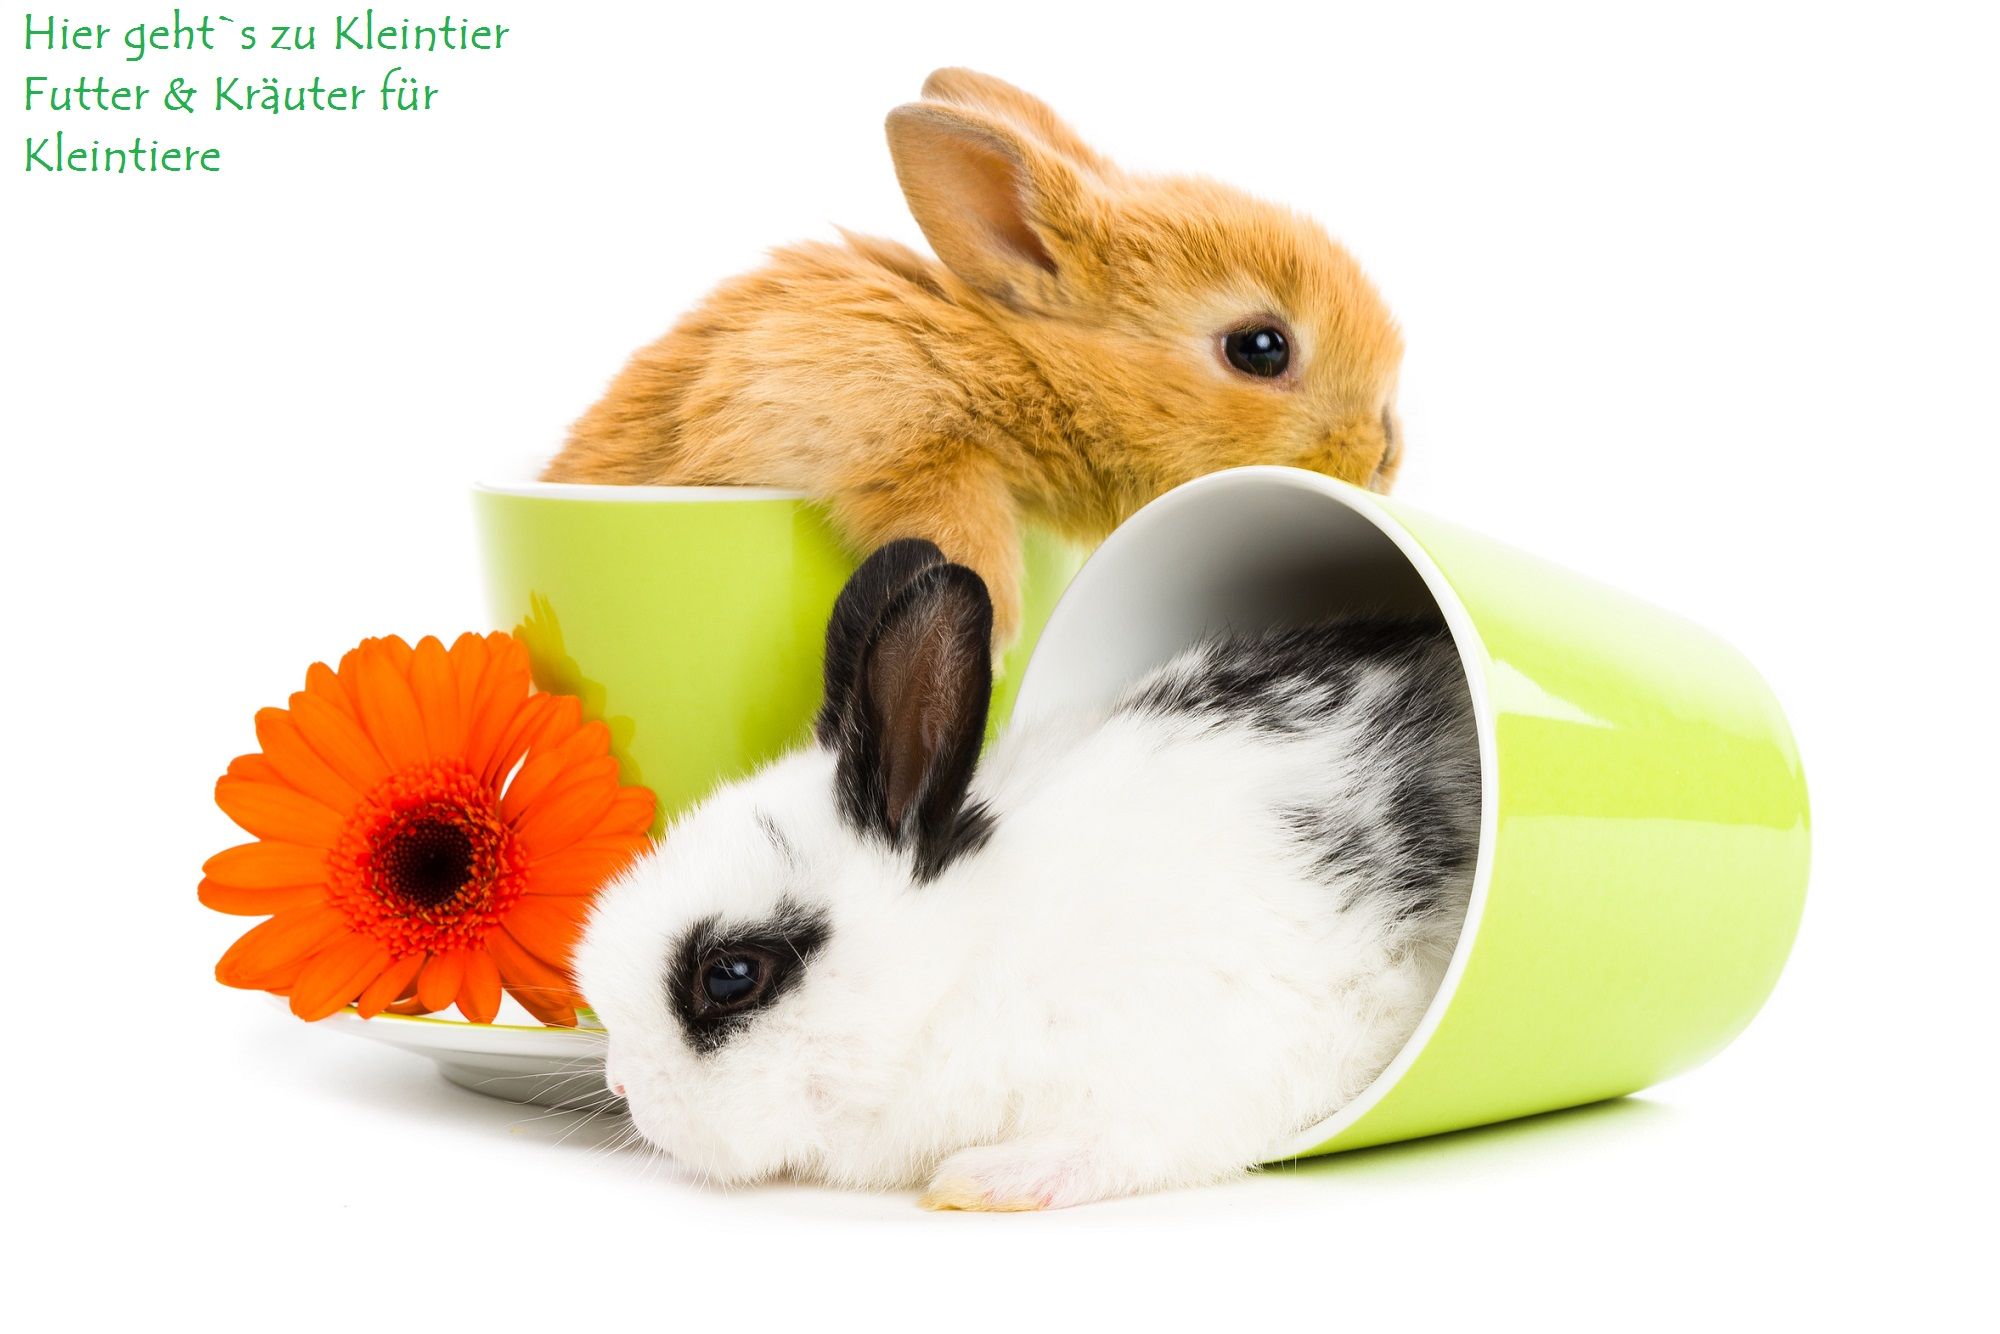 Kräuter für Kleintiere